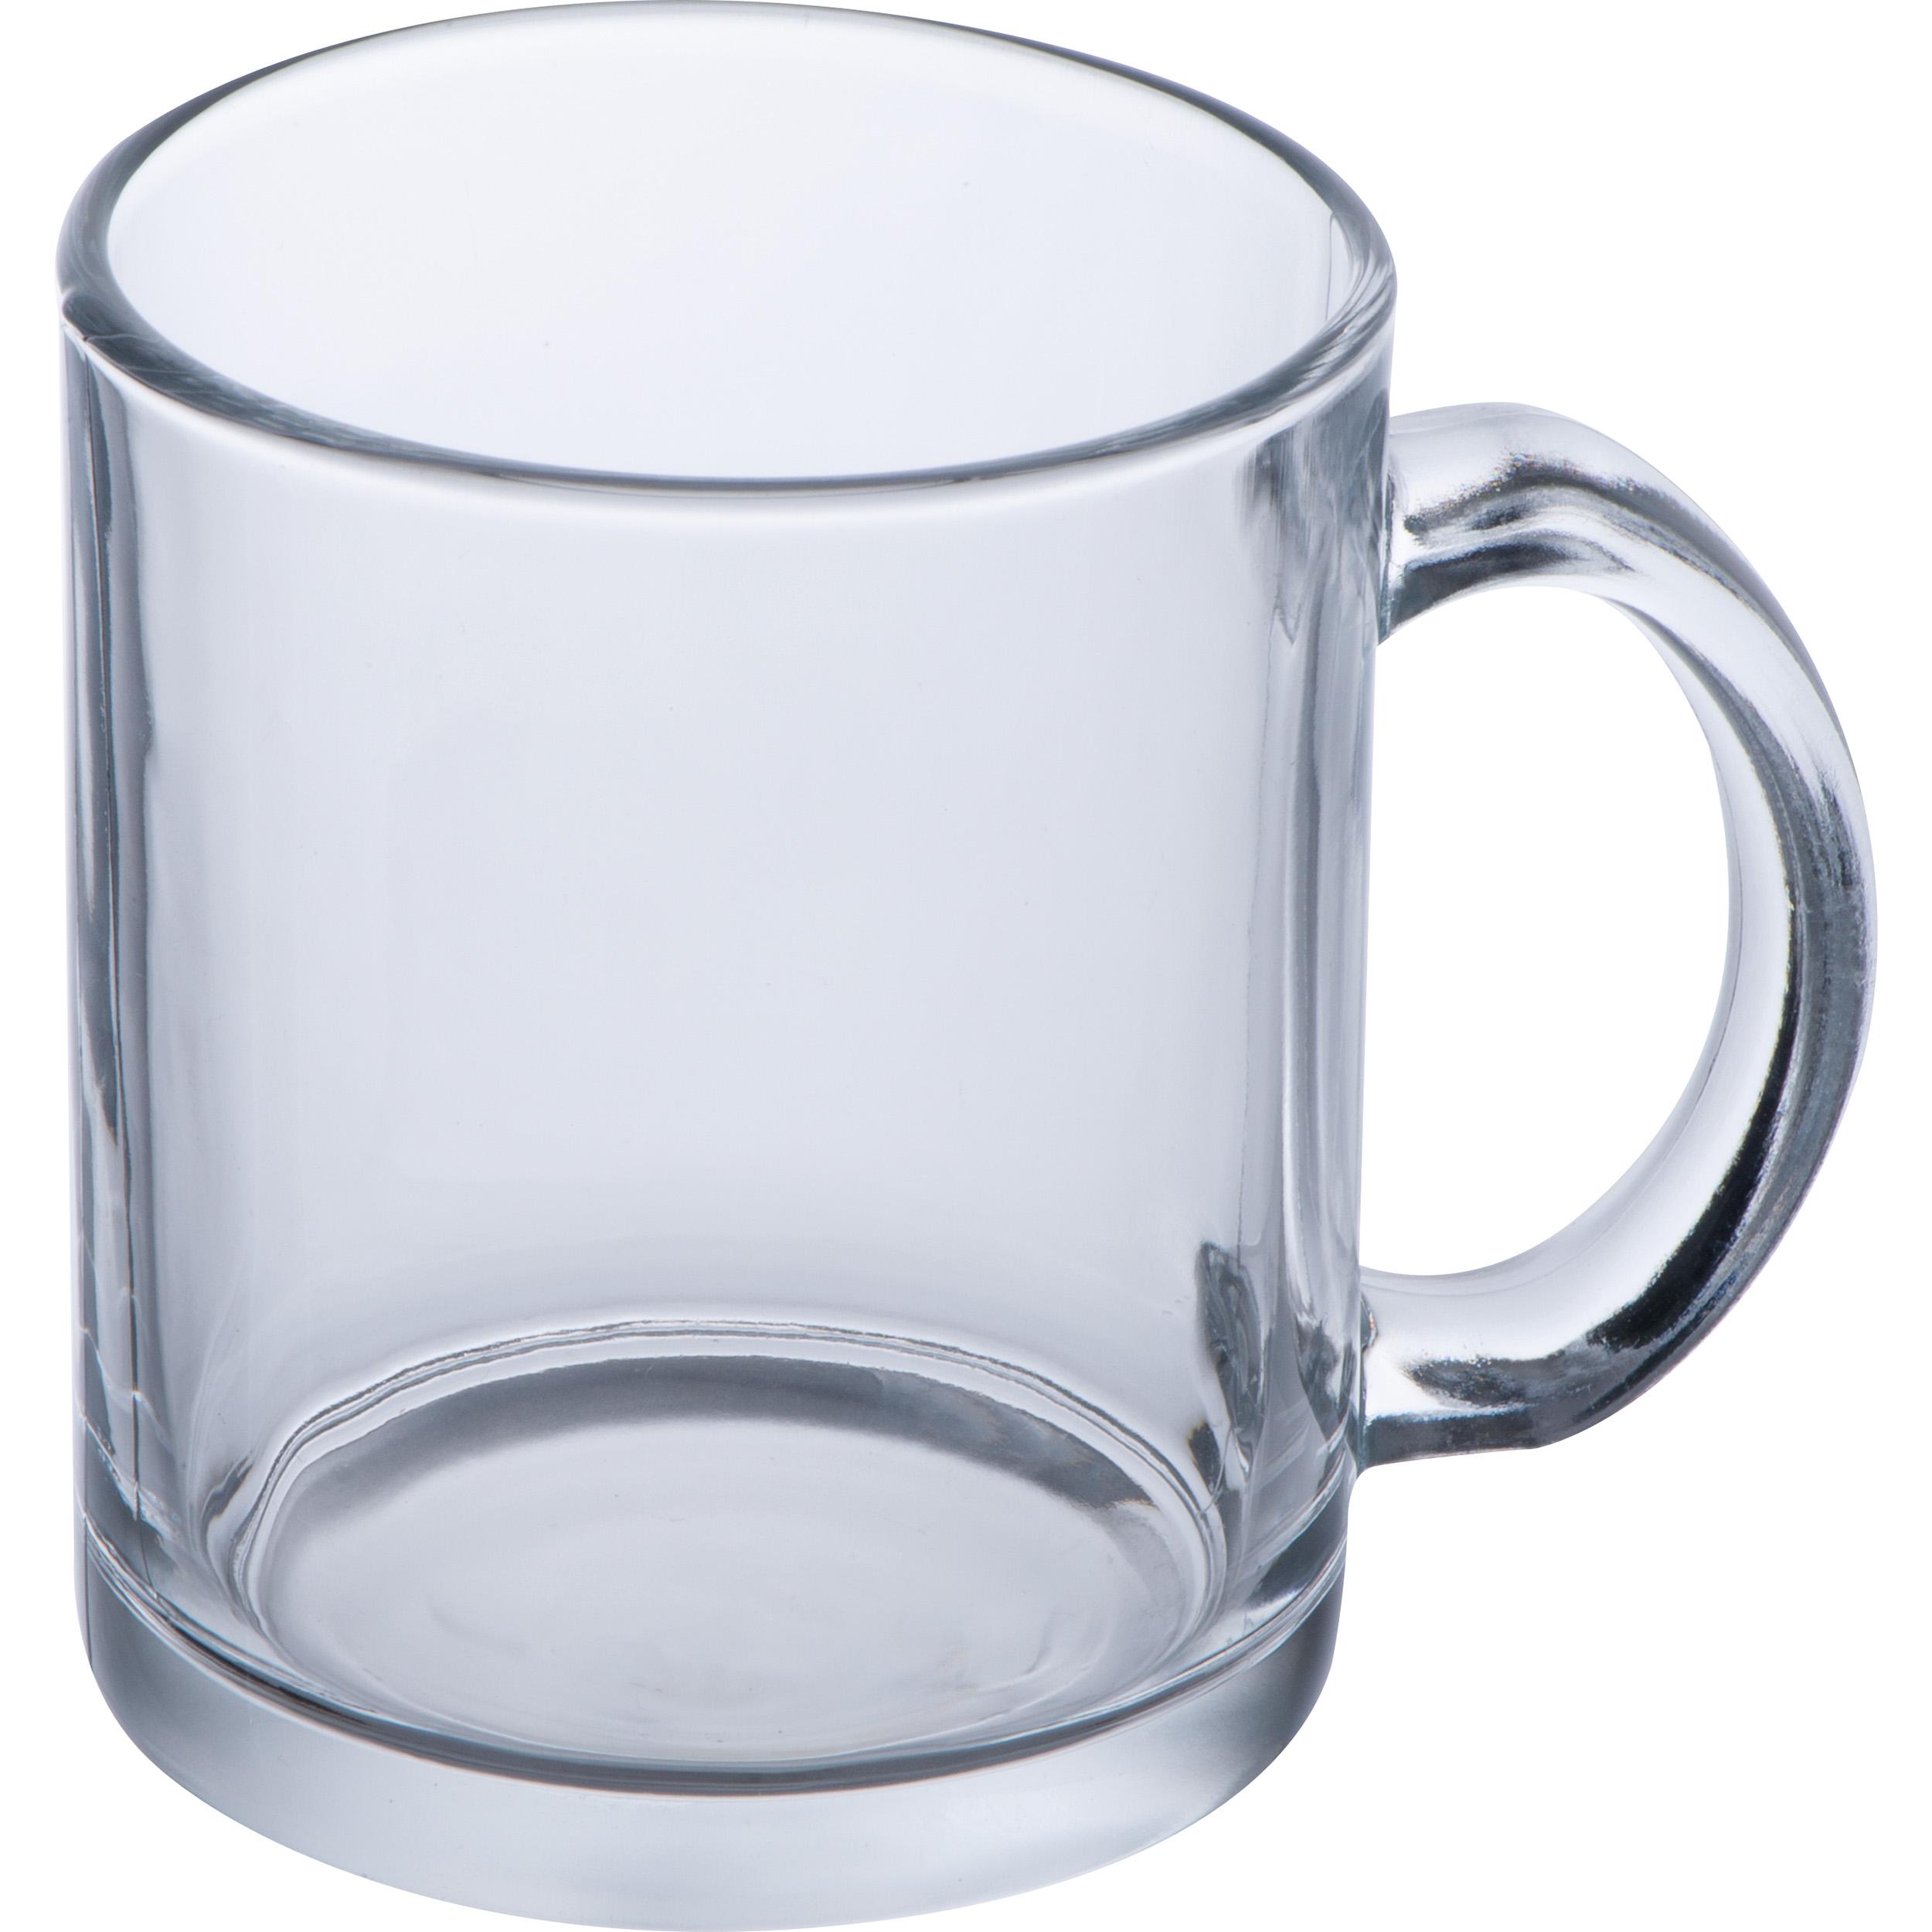 Kaffeetasse aus Glas, 300 ml